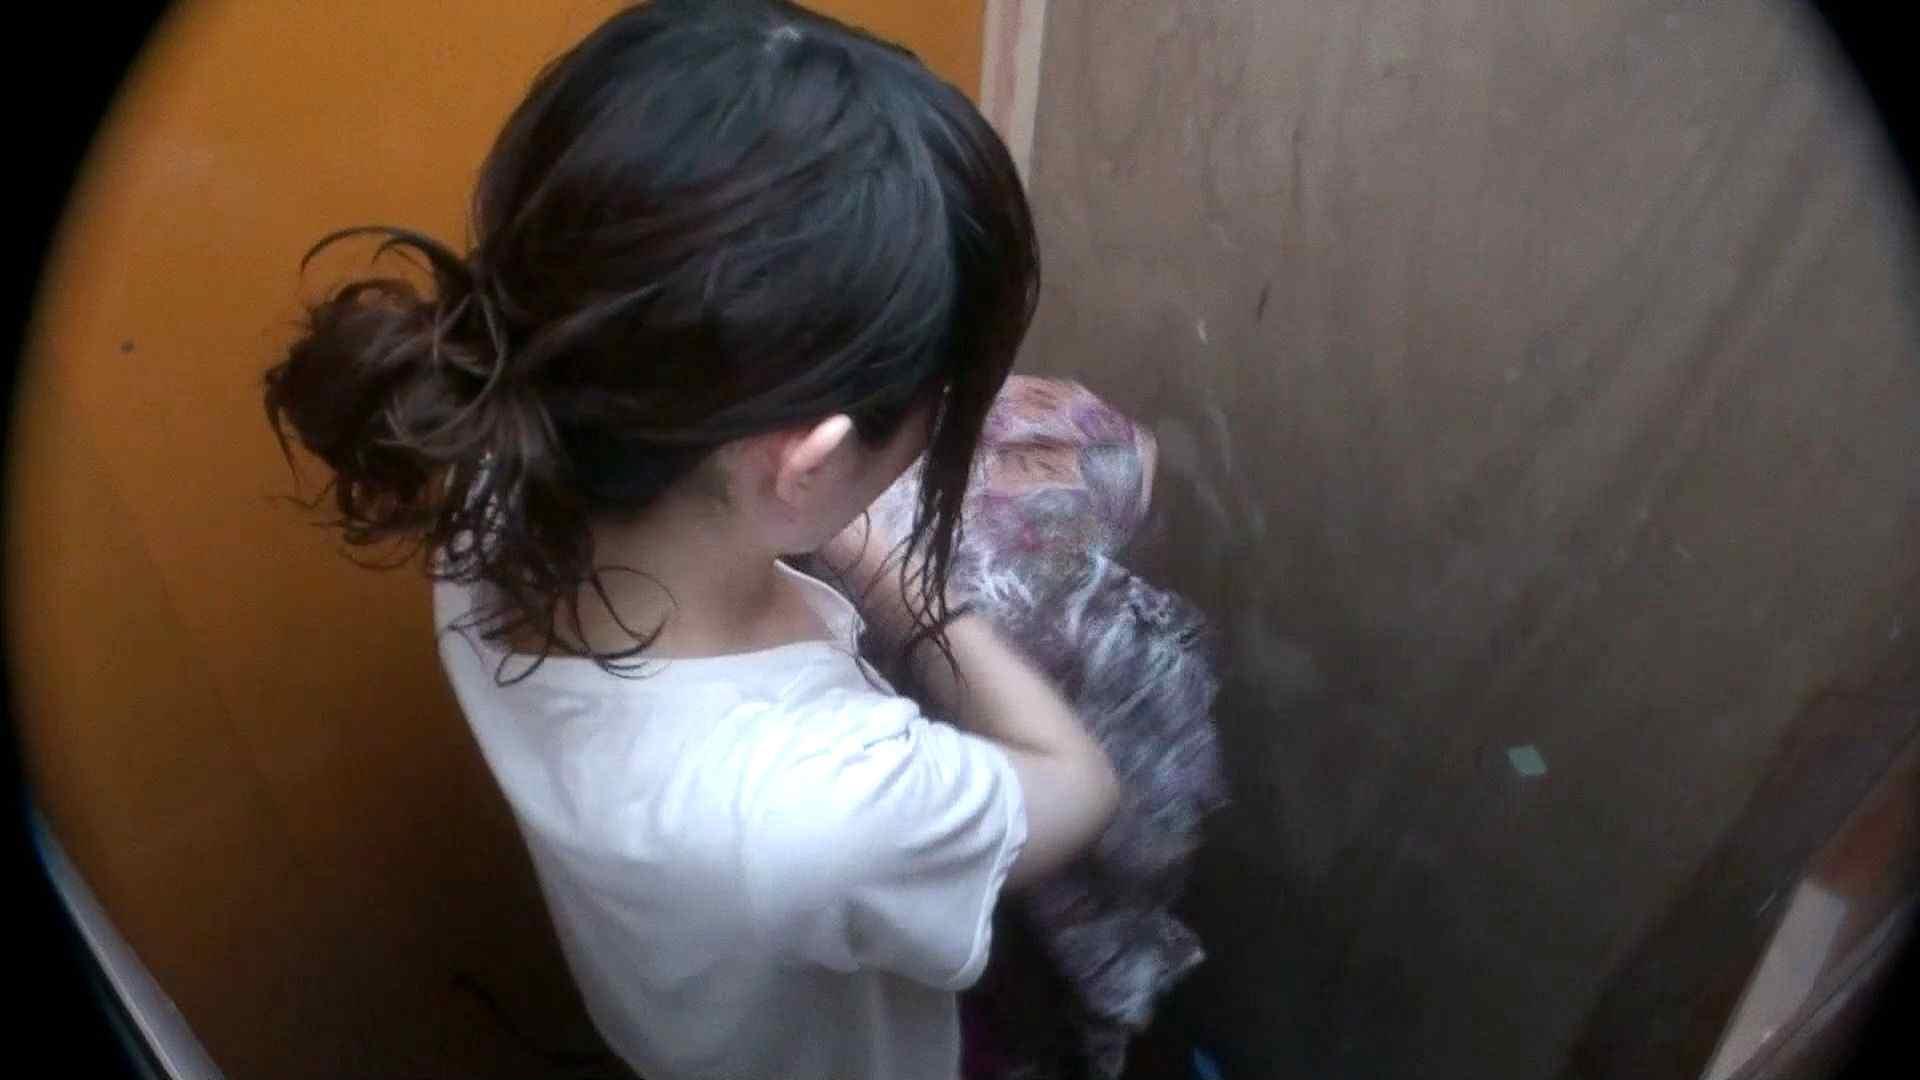 シャワールームは超!!危険な香りVol.29 こっちを向いて欲しい貧乳姉さん 高画質  67PICs 4